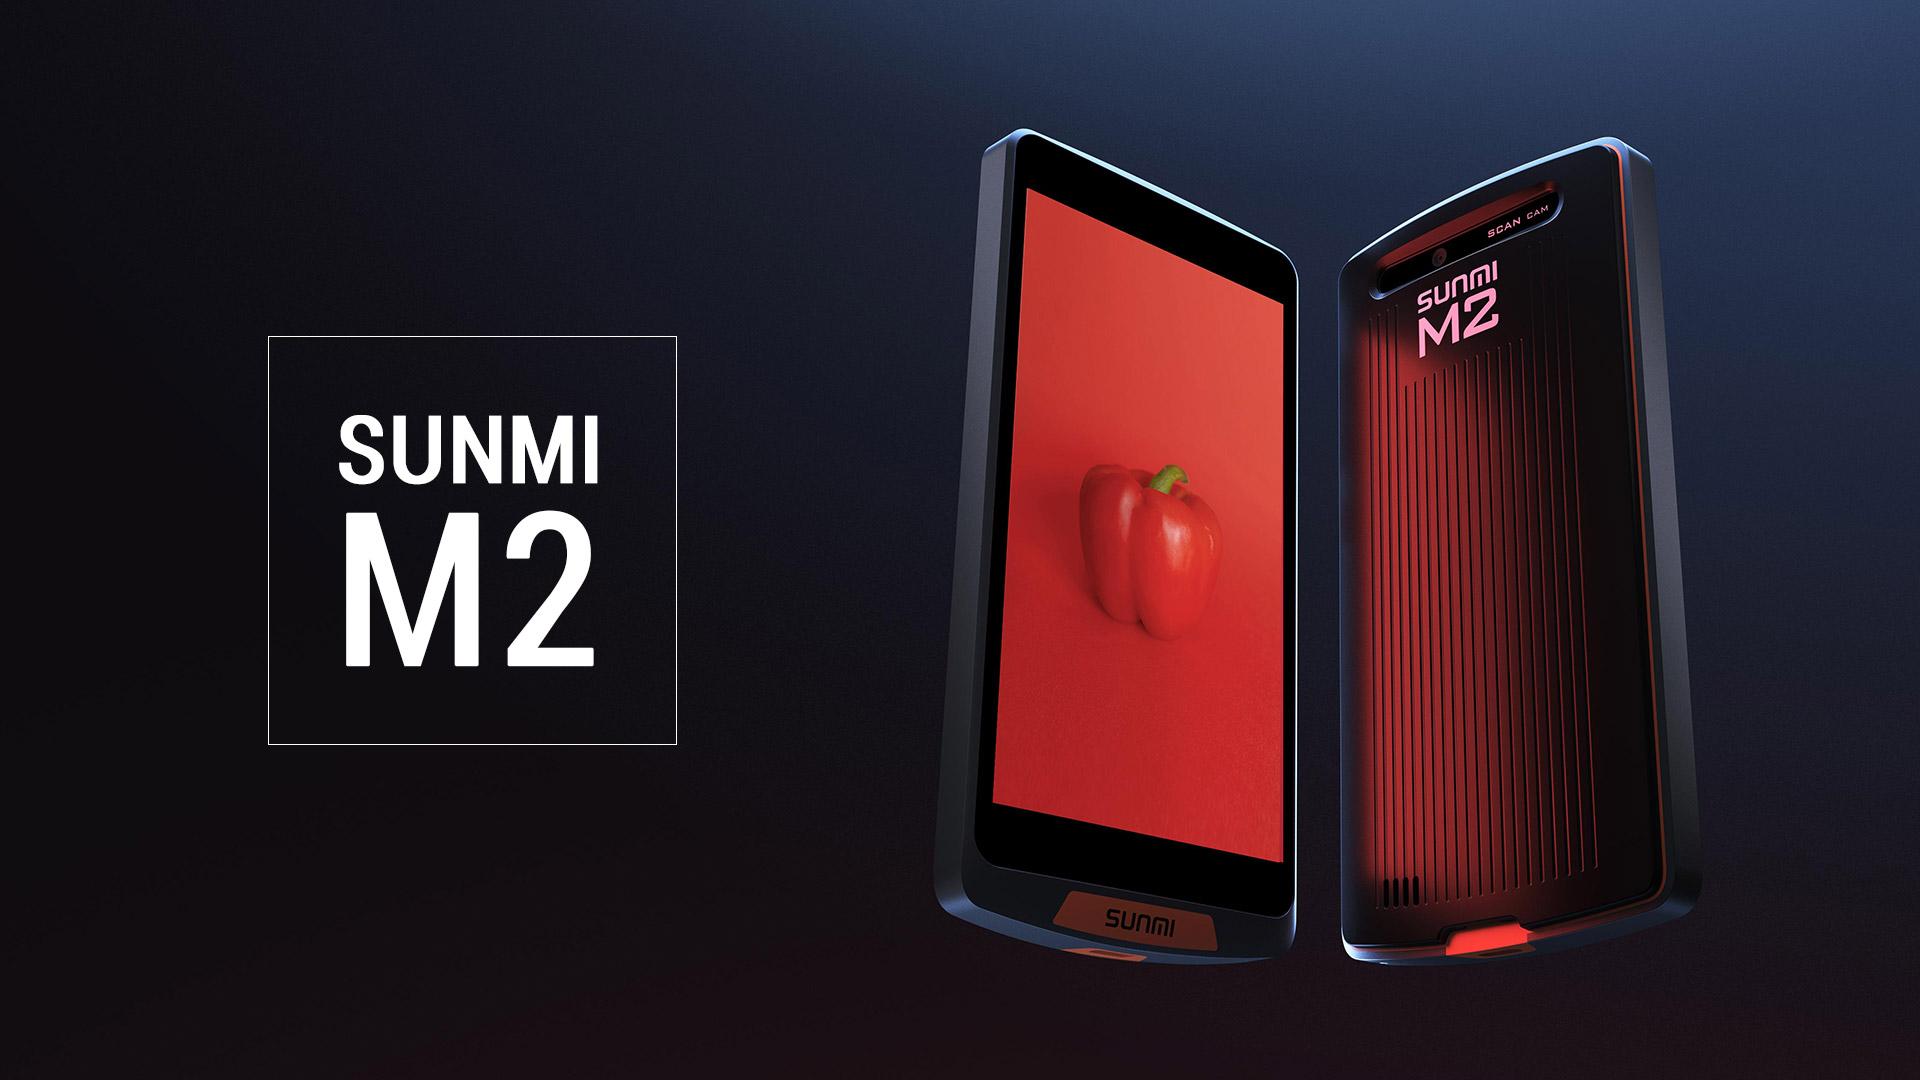 M2 美しいデザインと強力なパフォーマンス SUNMI サンミ